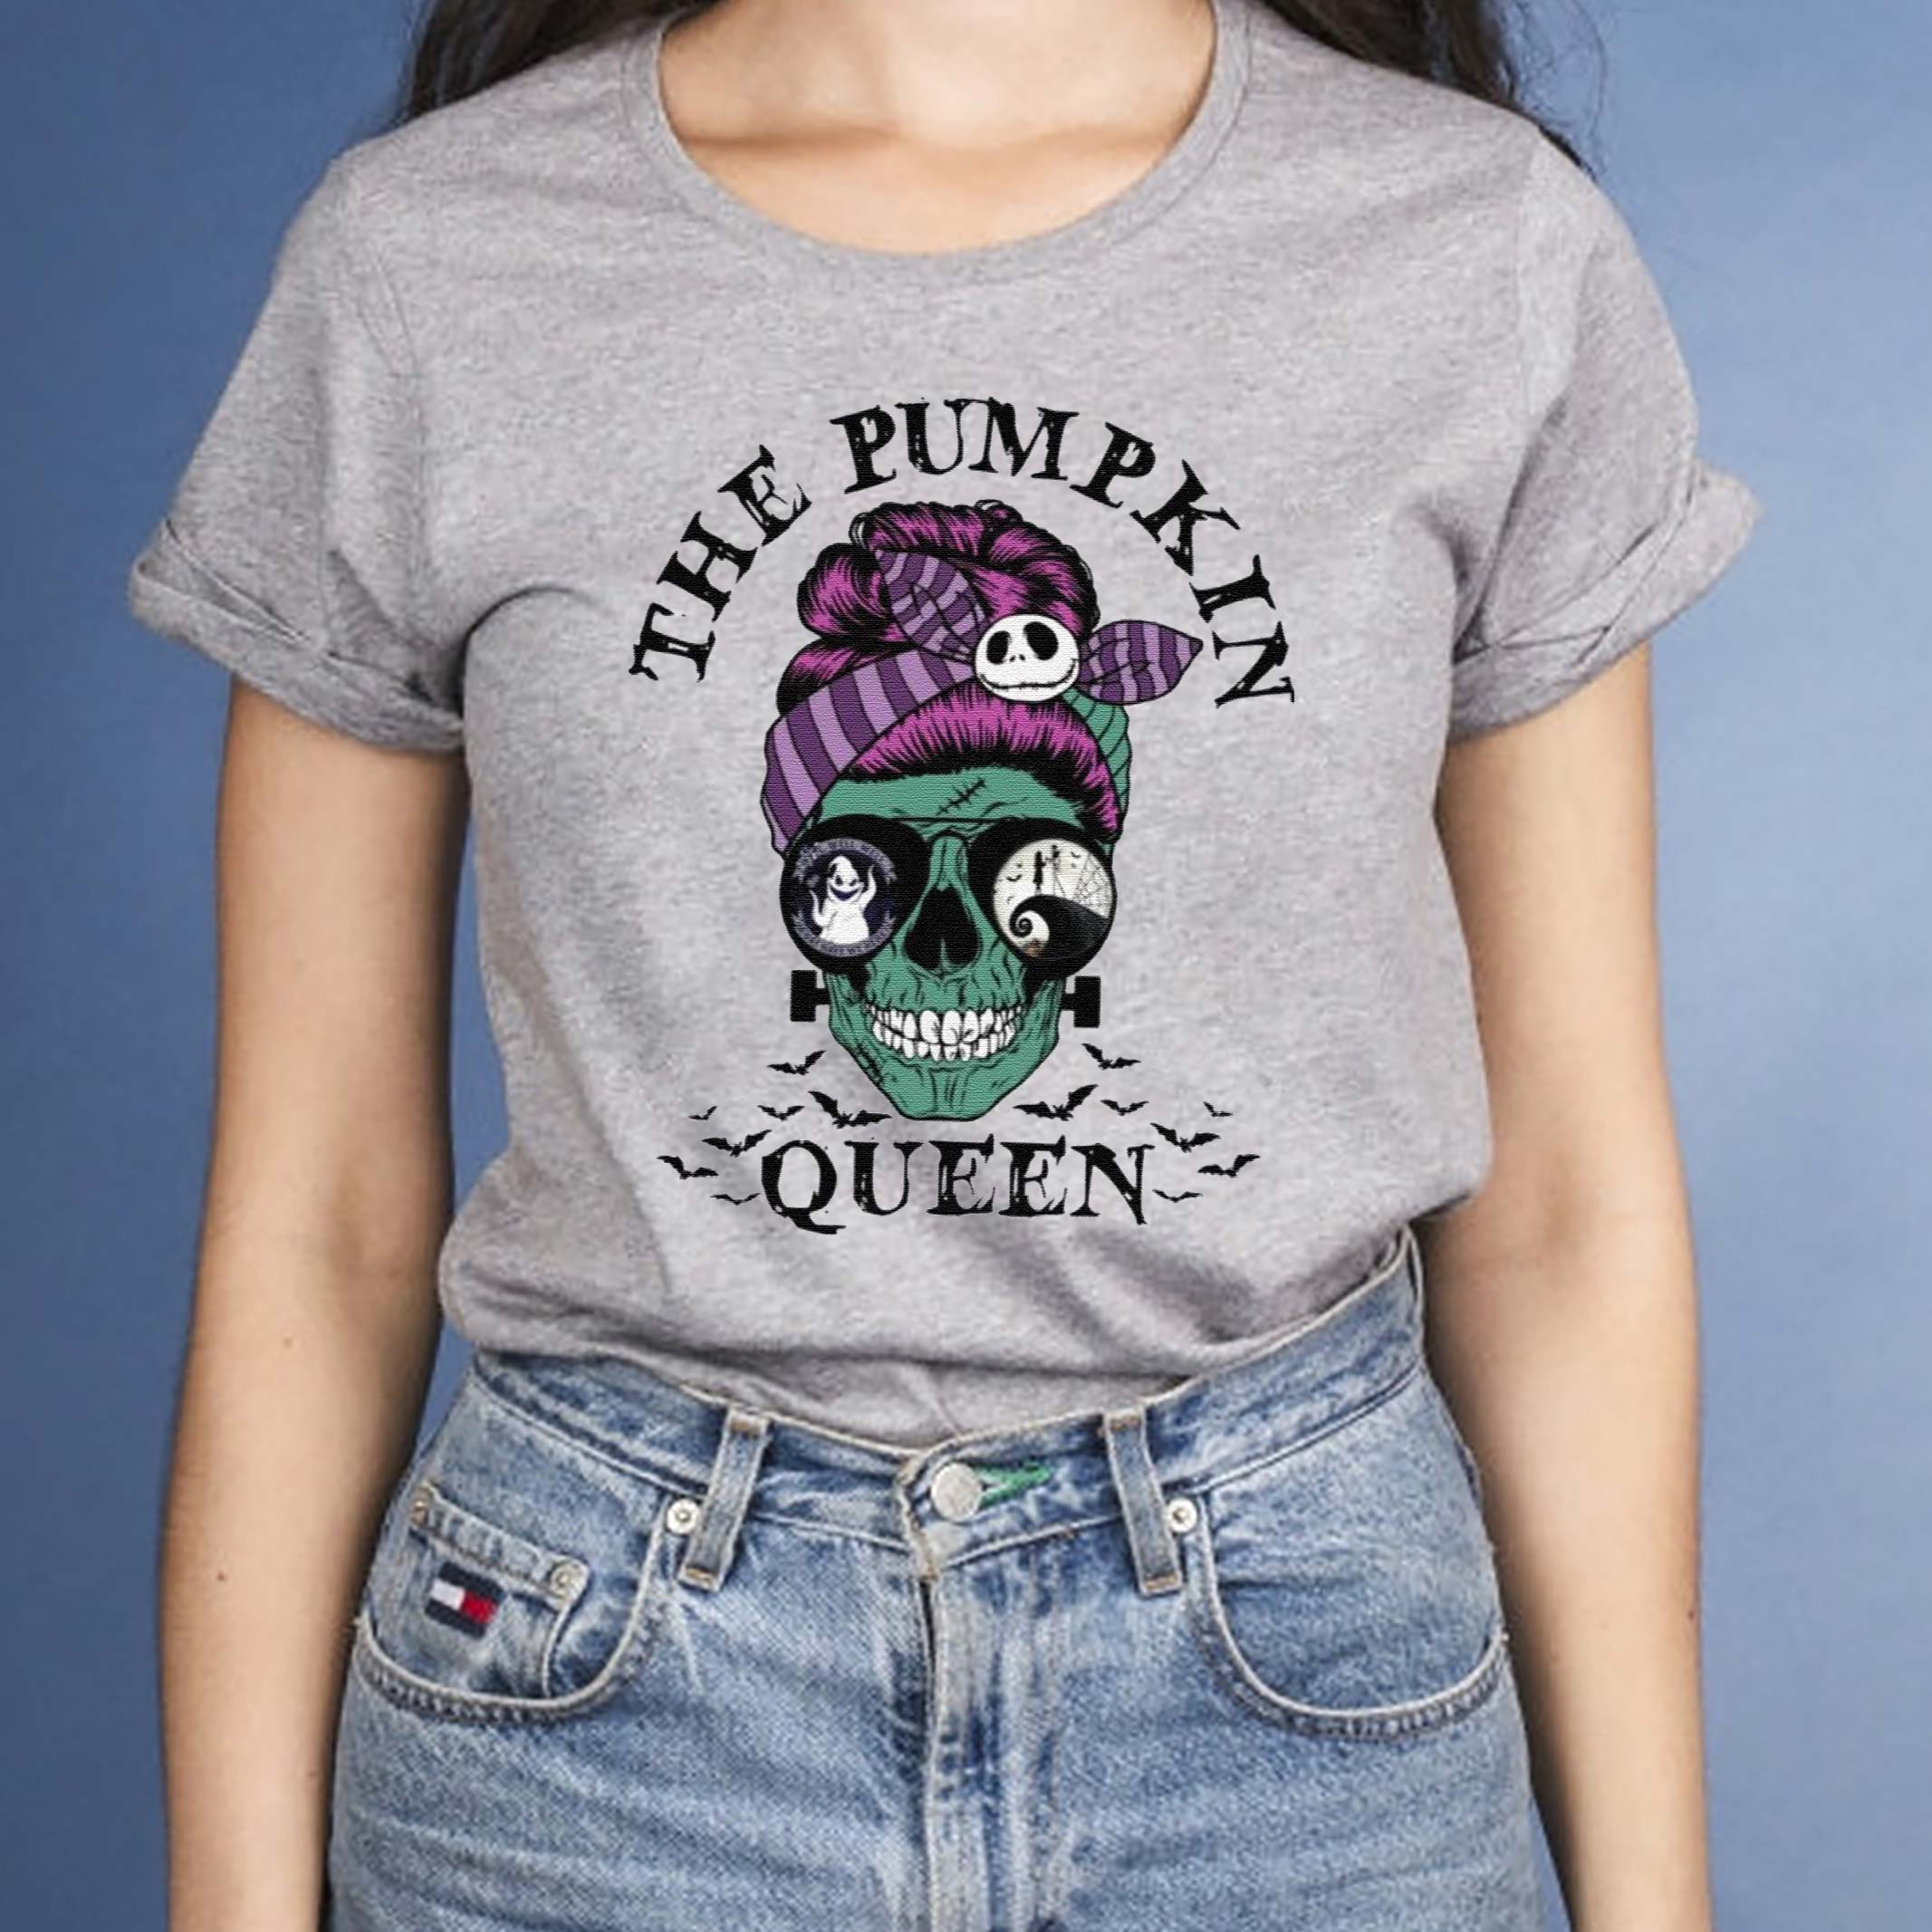 The-Pumpkin-Queen-shirt